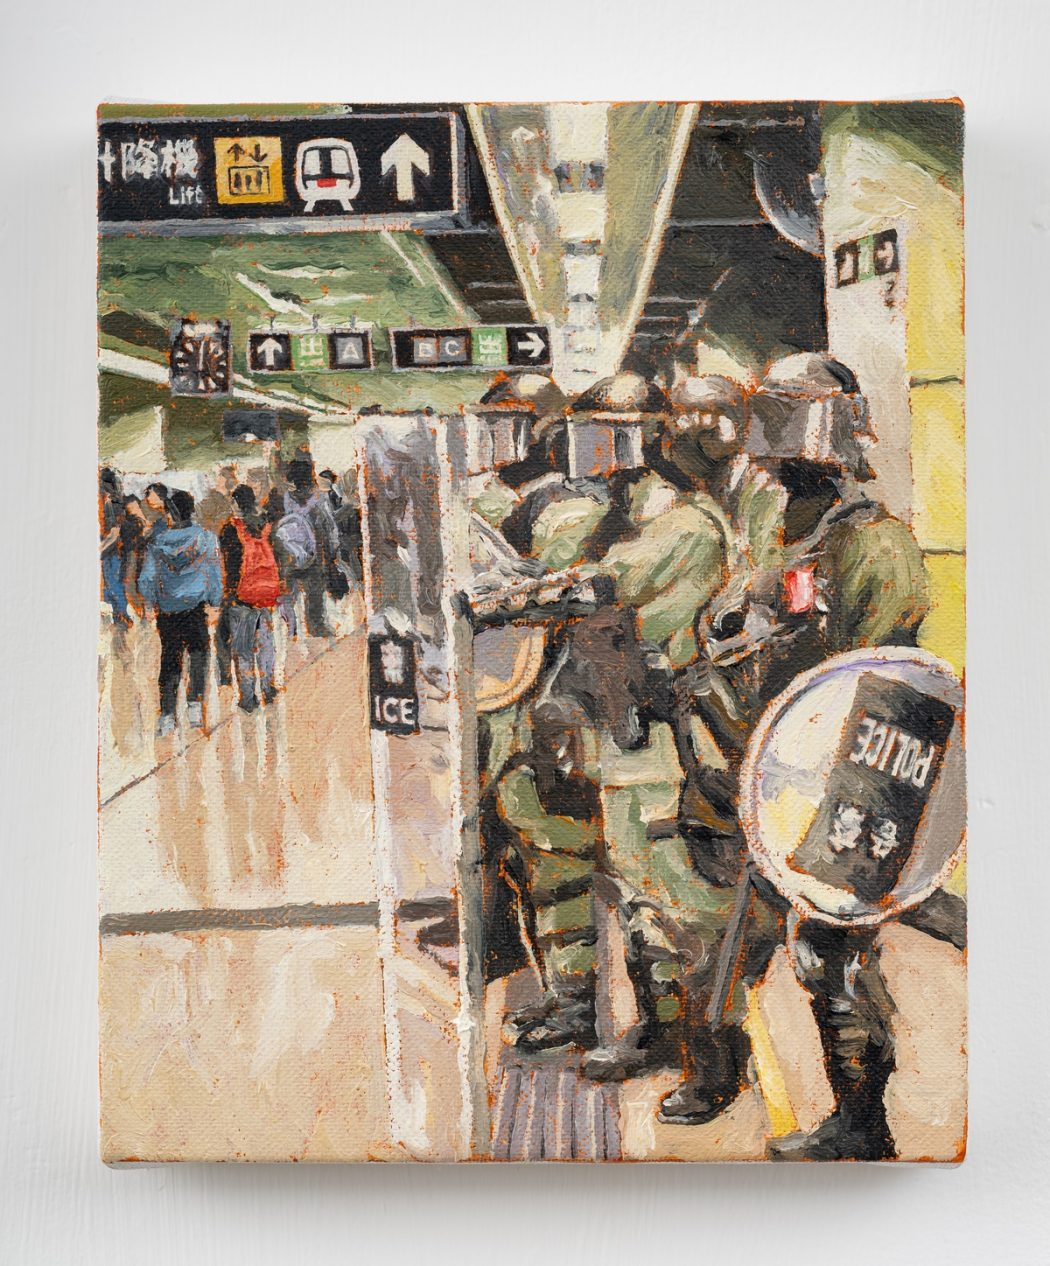 HKFP Lens Chow Chun-fai protest riot police